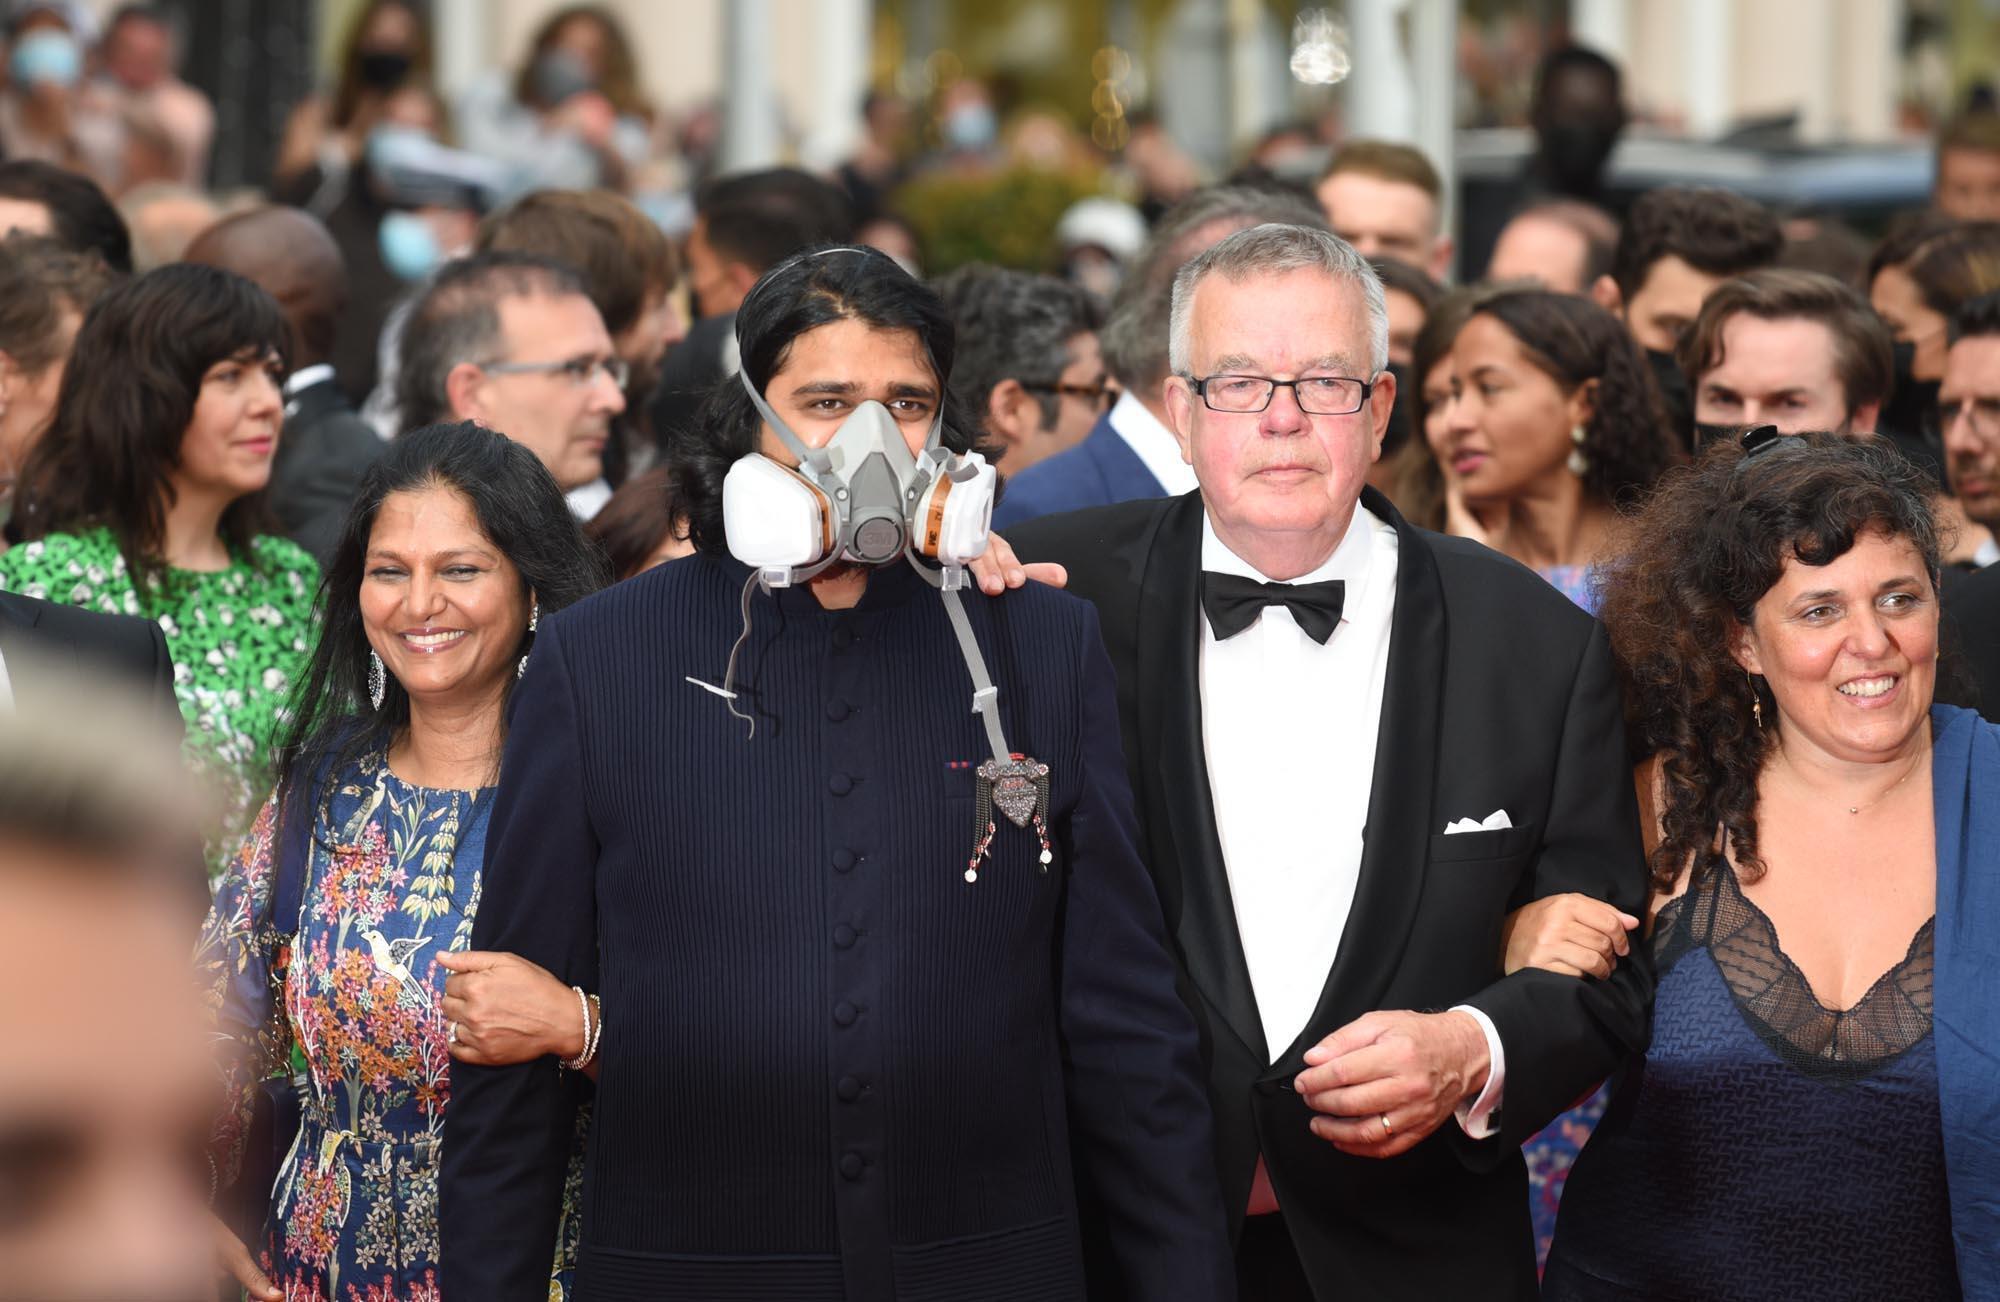 Rahul Jain, figure de l'industrie de Bollywood, détourne les restrictions du Covid-19 en foulant le tapis rouge avec un masque inhabituel.